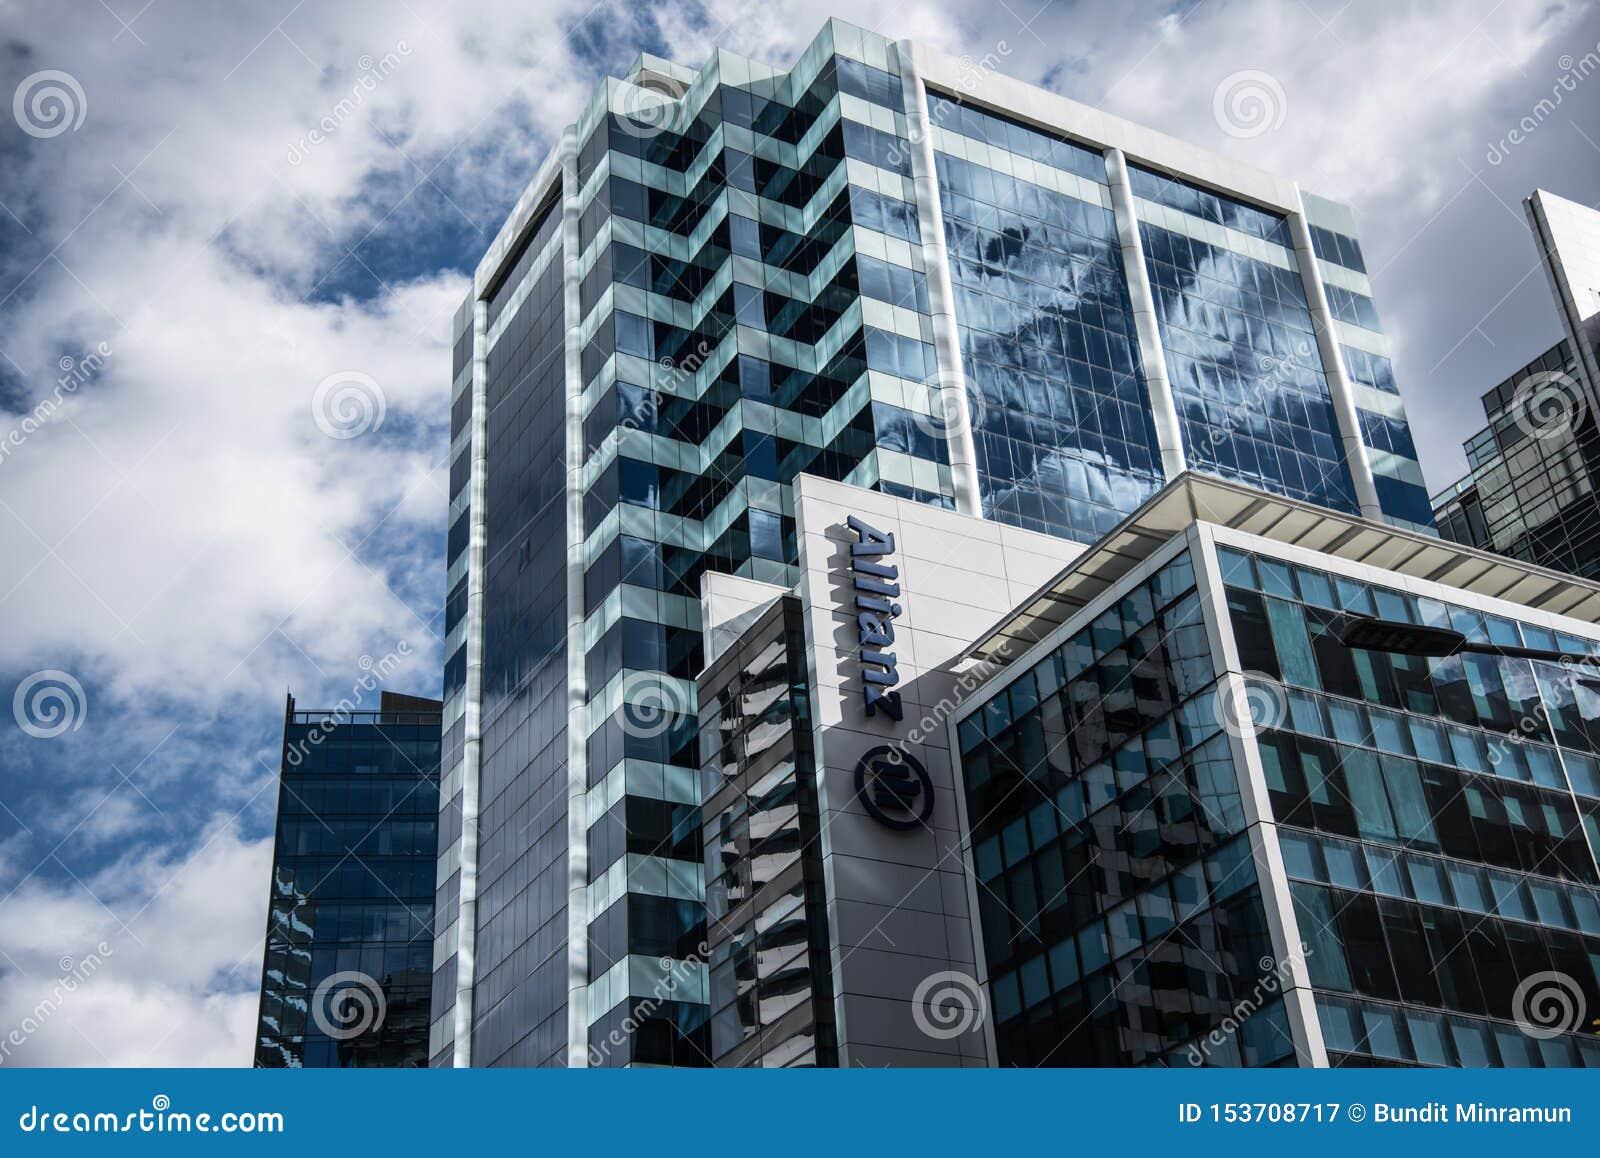 Fasadowy budynek Allianz, jest światu wielkim firmą ubezpieczeniową, zarządzaniem aktywami i